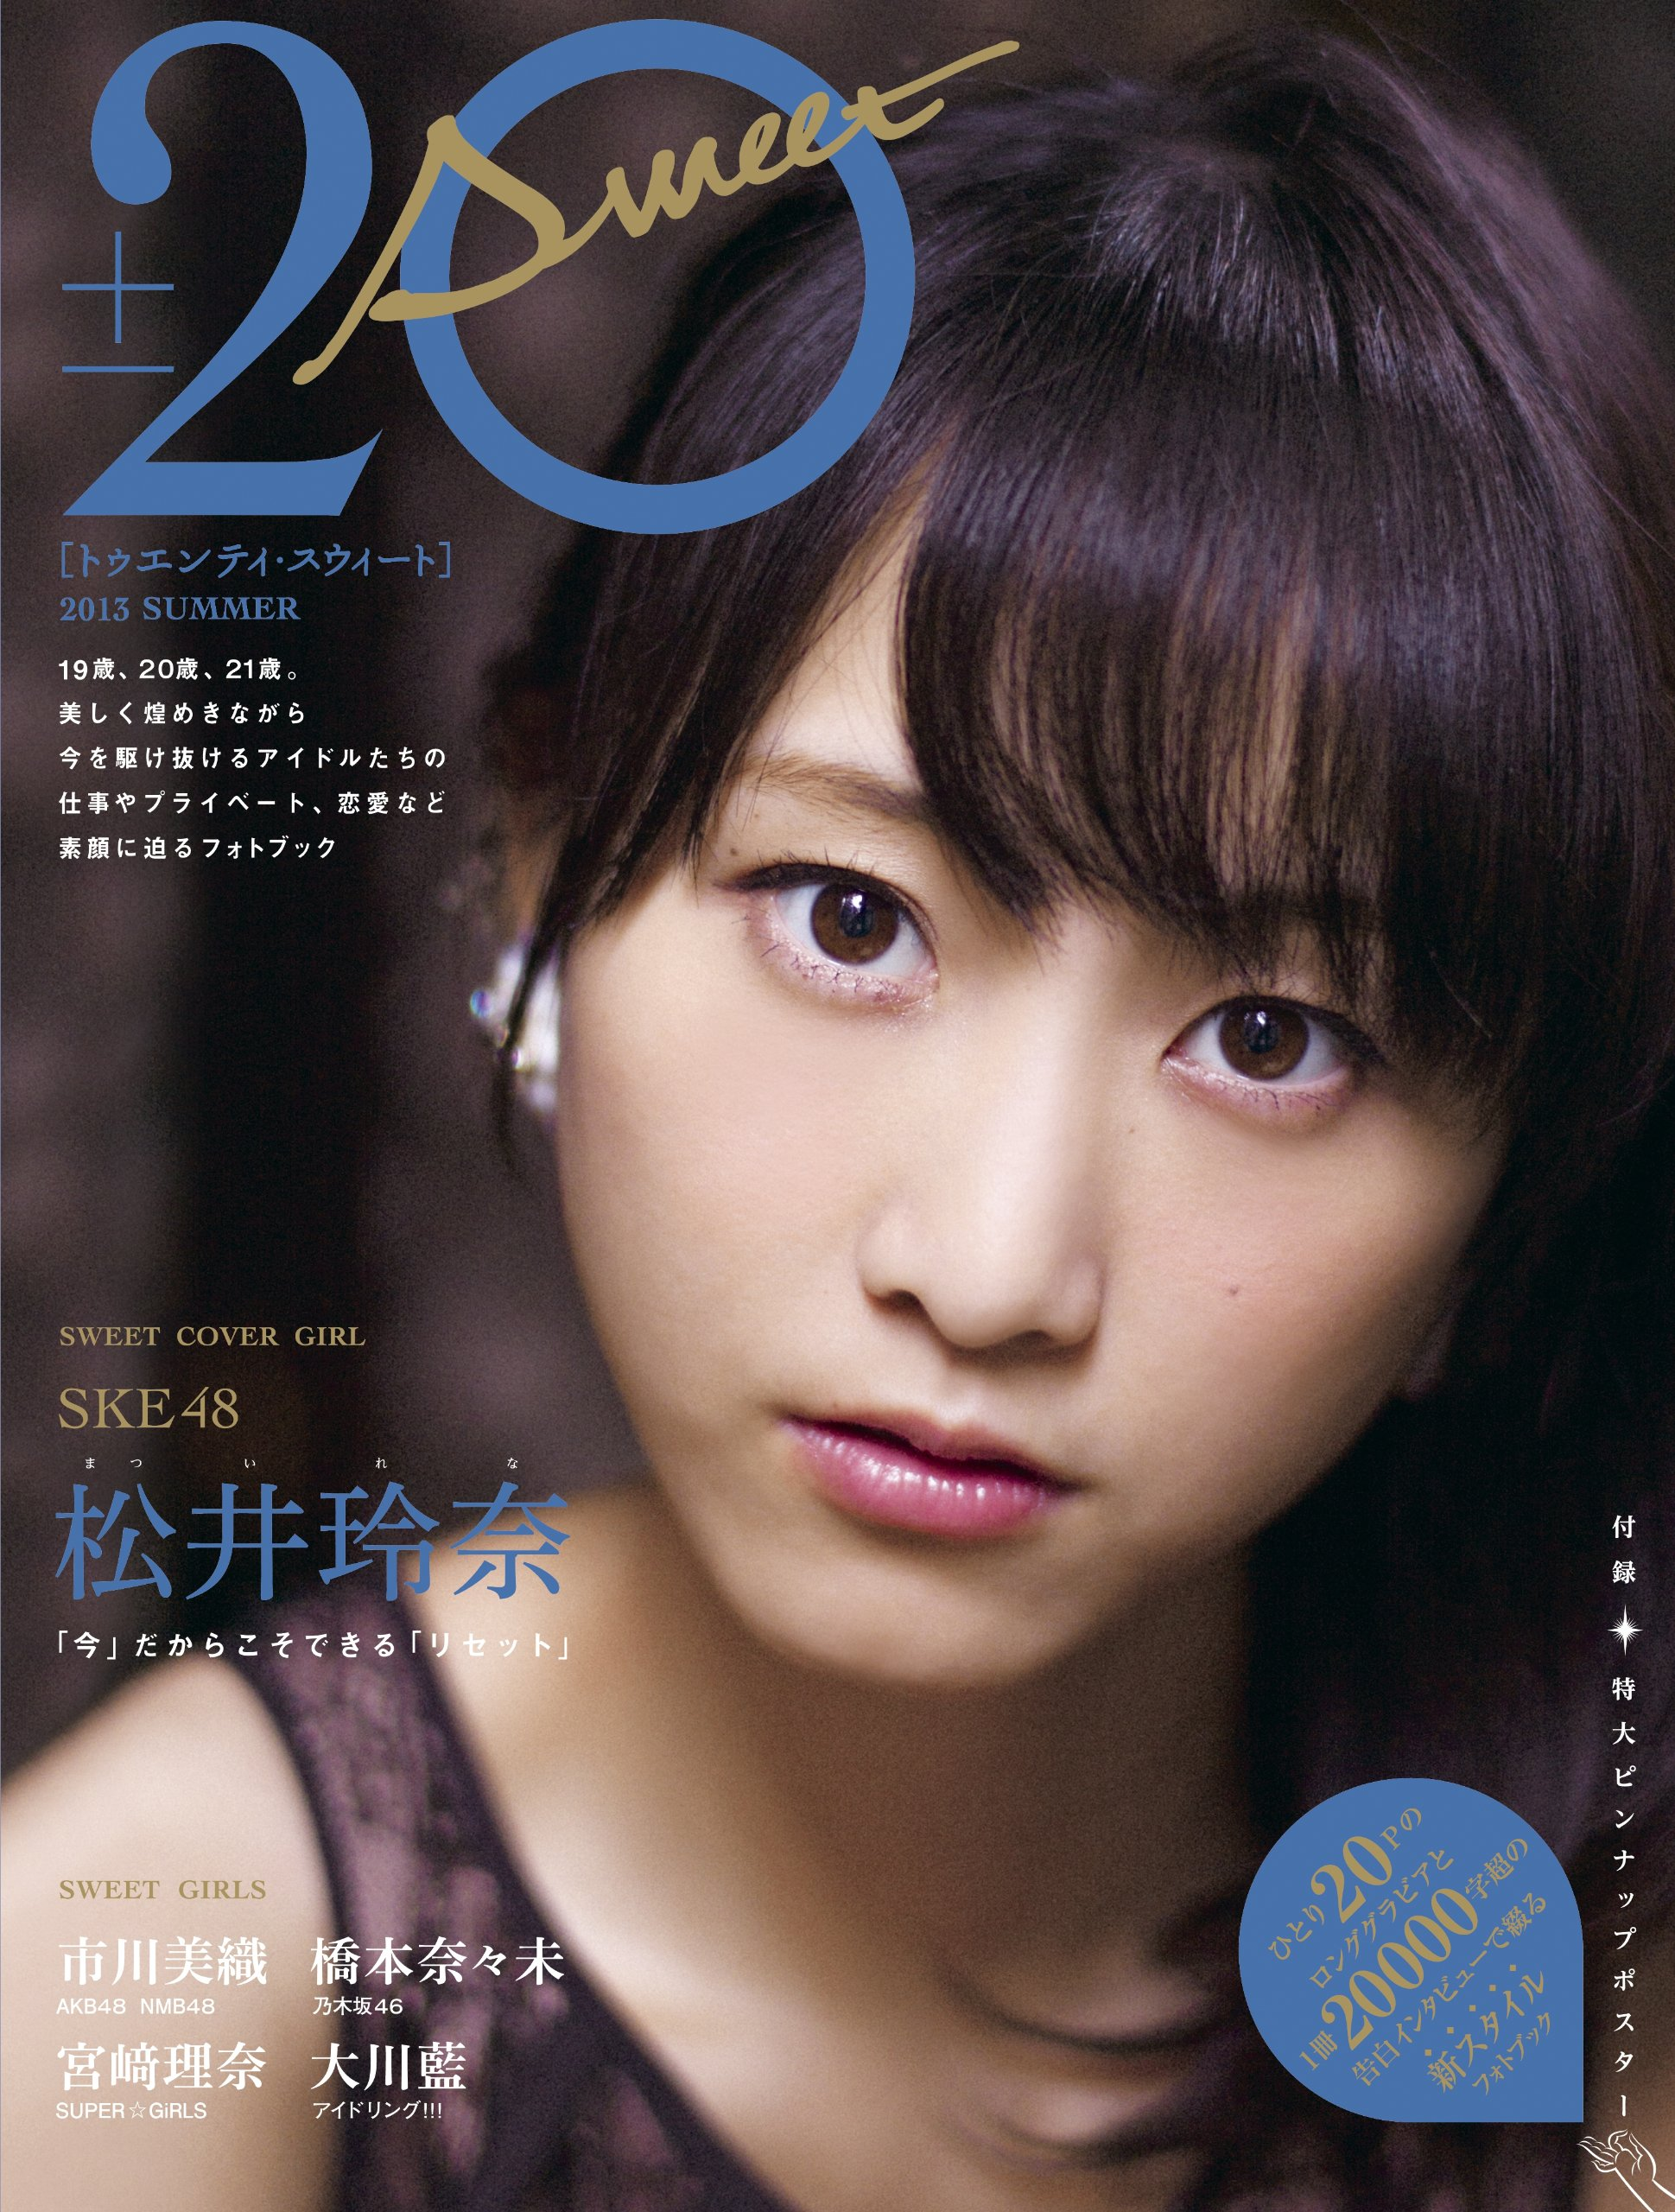 雑誌の表紙の松井玲奈さん